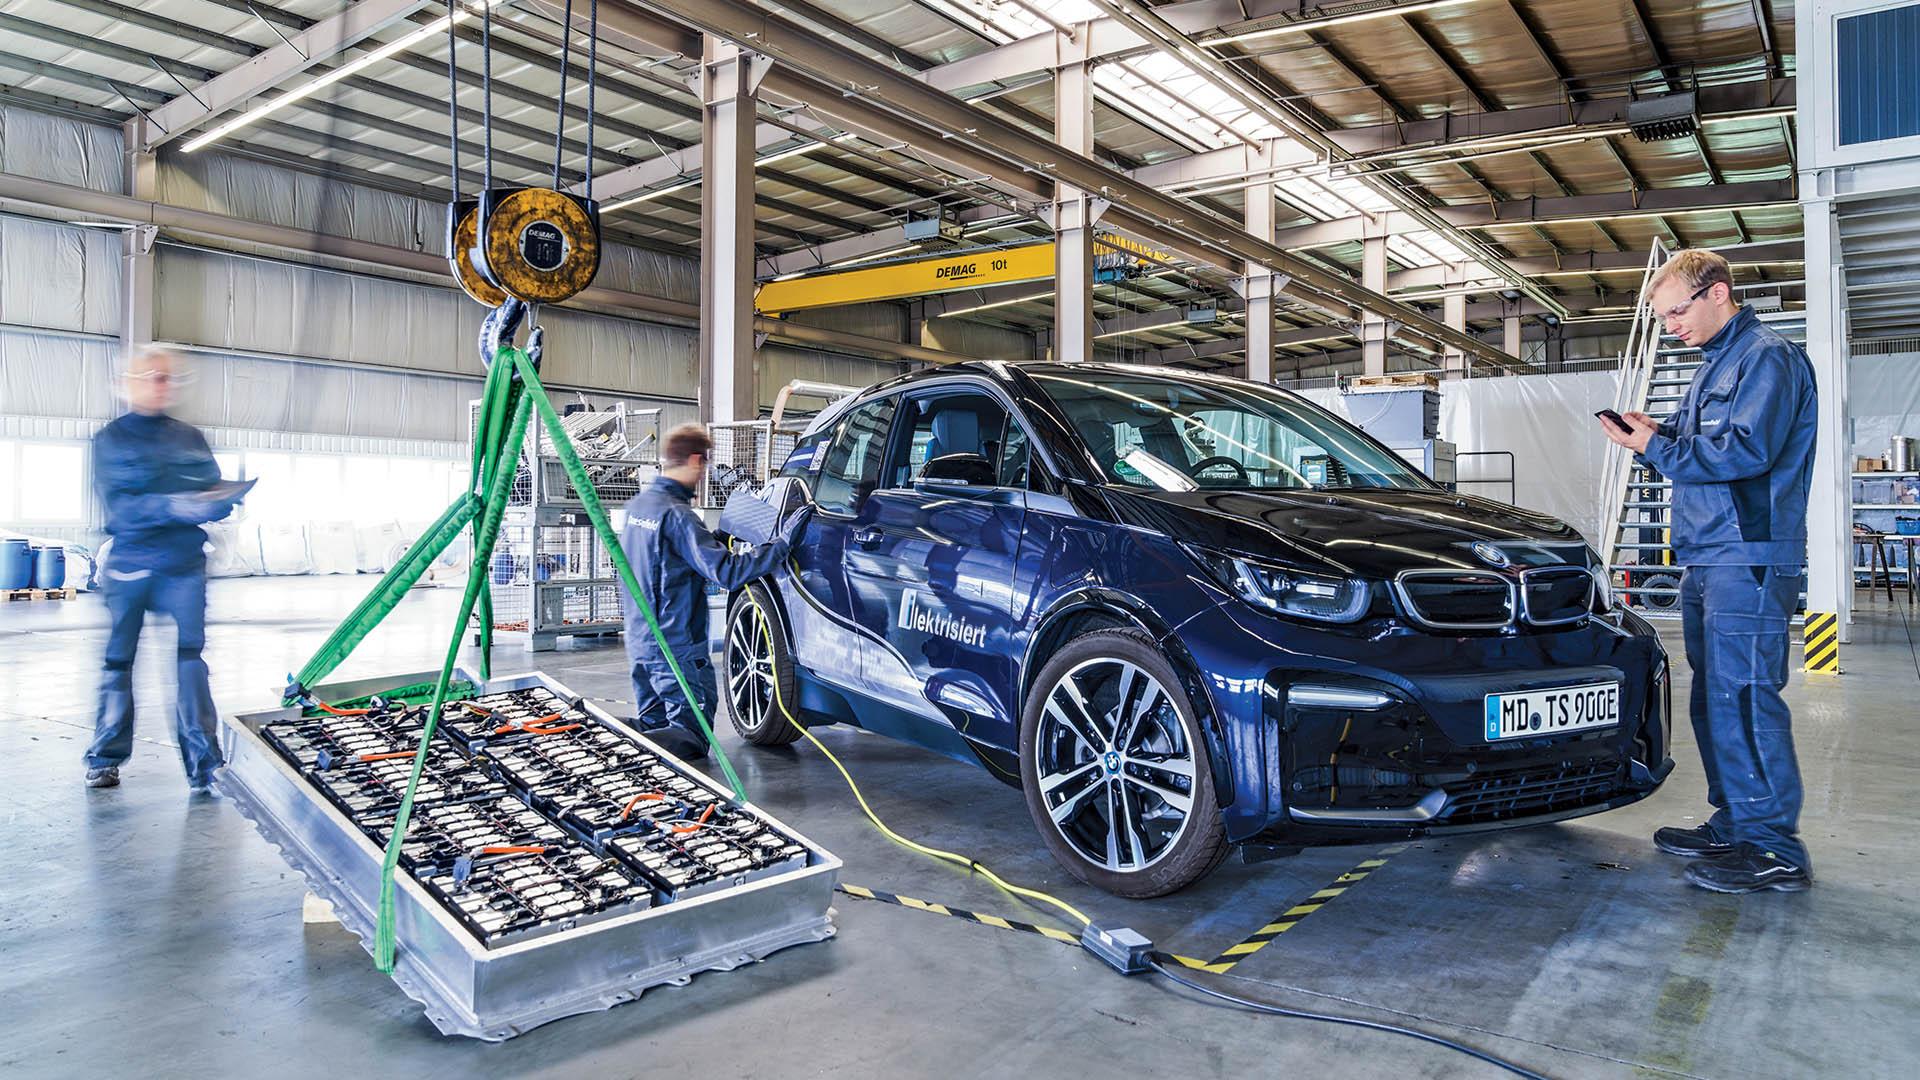 Επαναχρησιμοποίηση ή ανακύκλωση; Ποια είναι η σωστή λύση για τις μπαταρίες των ηλεκτρικών αυτοκινήτων;